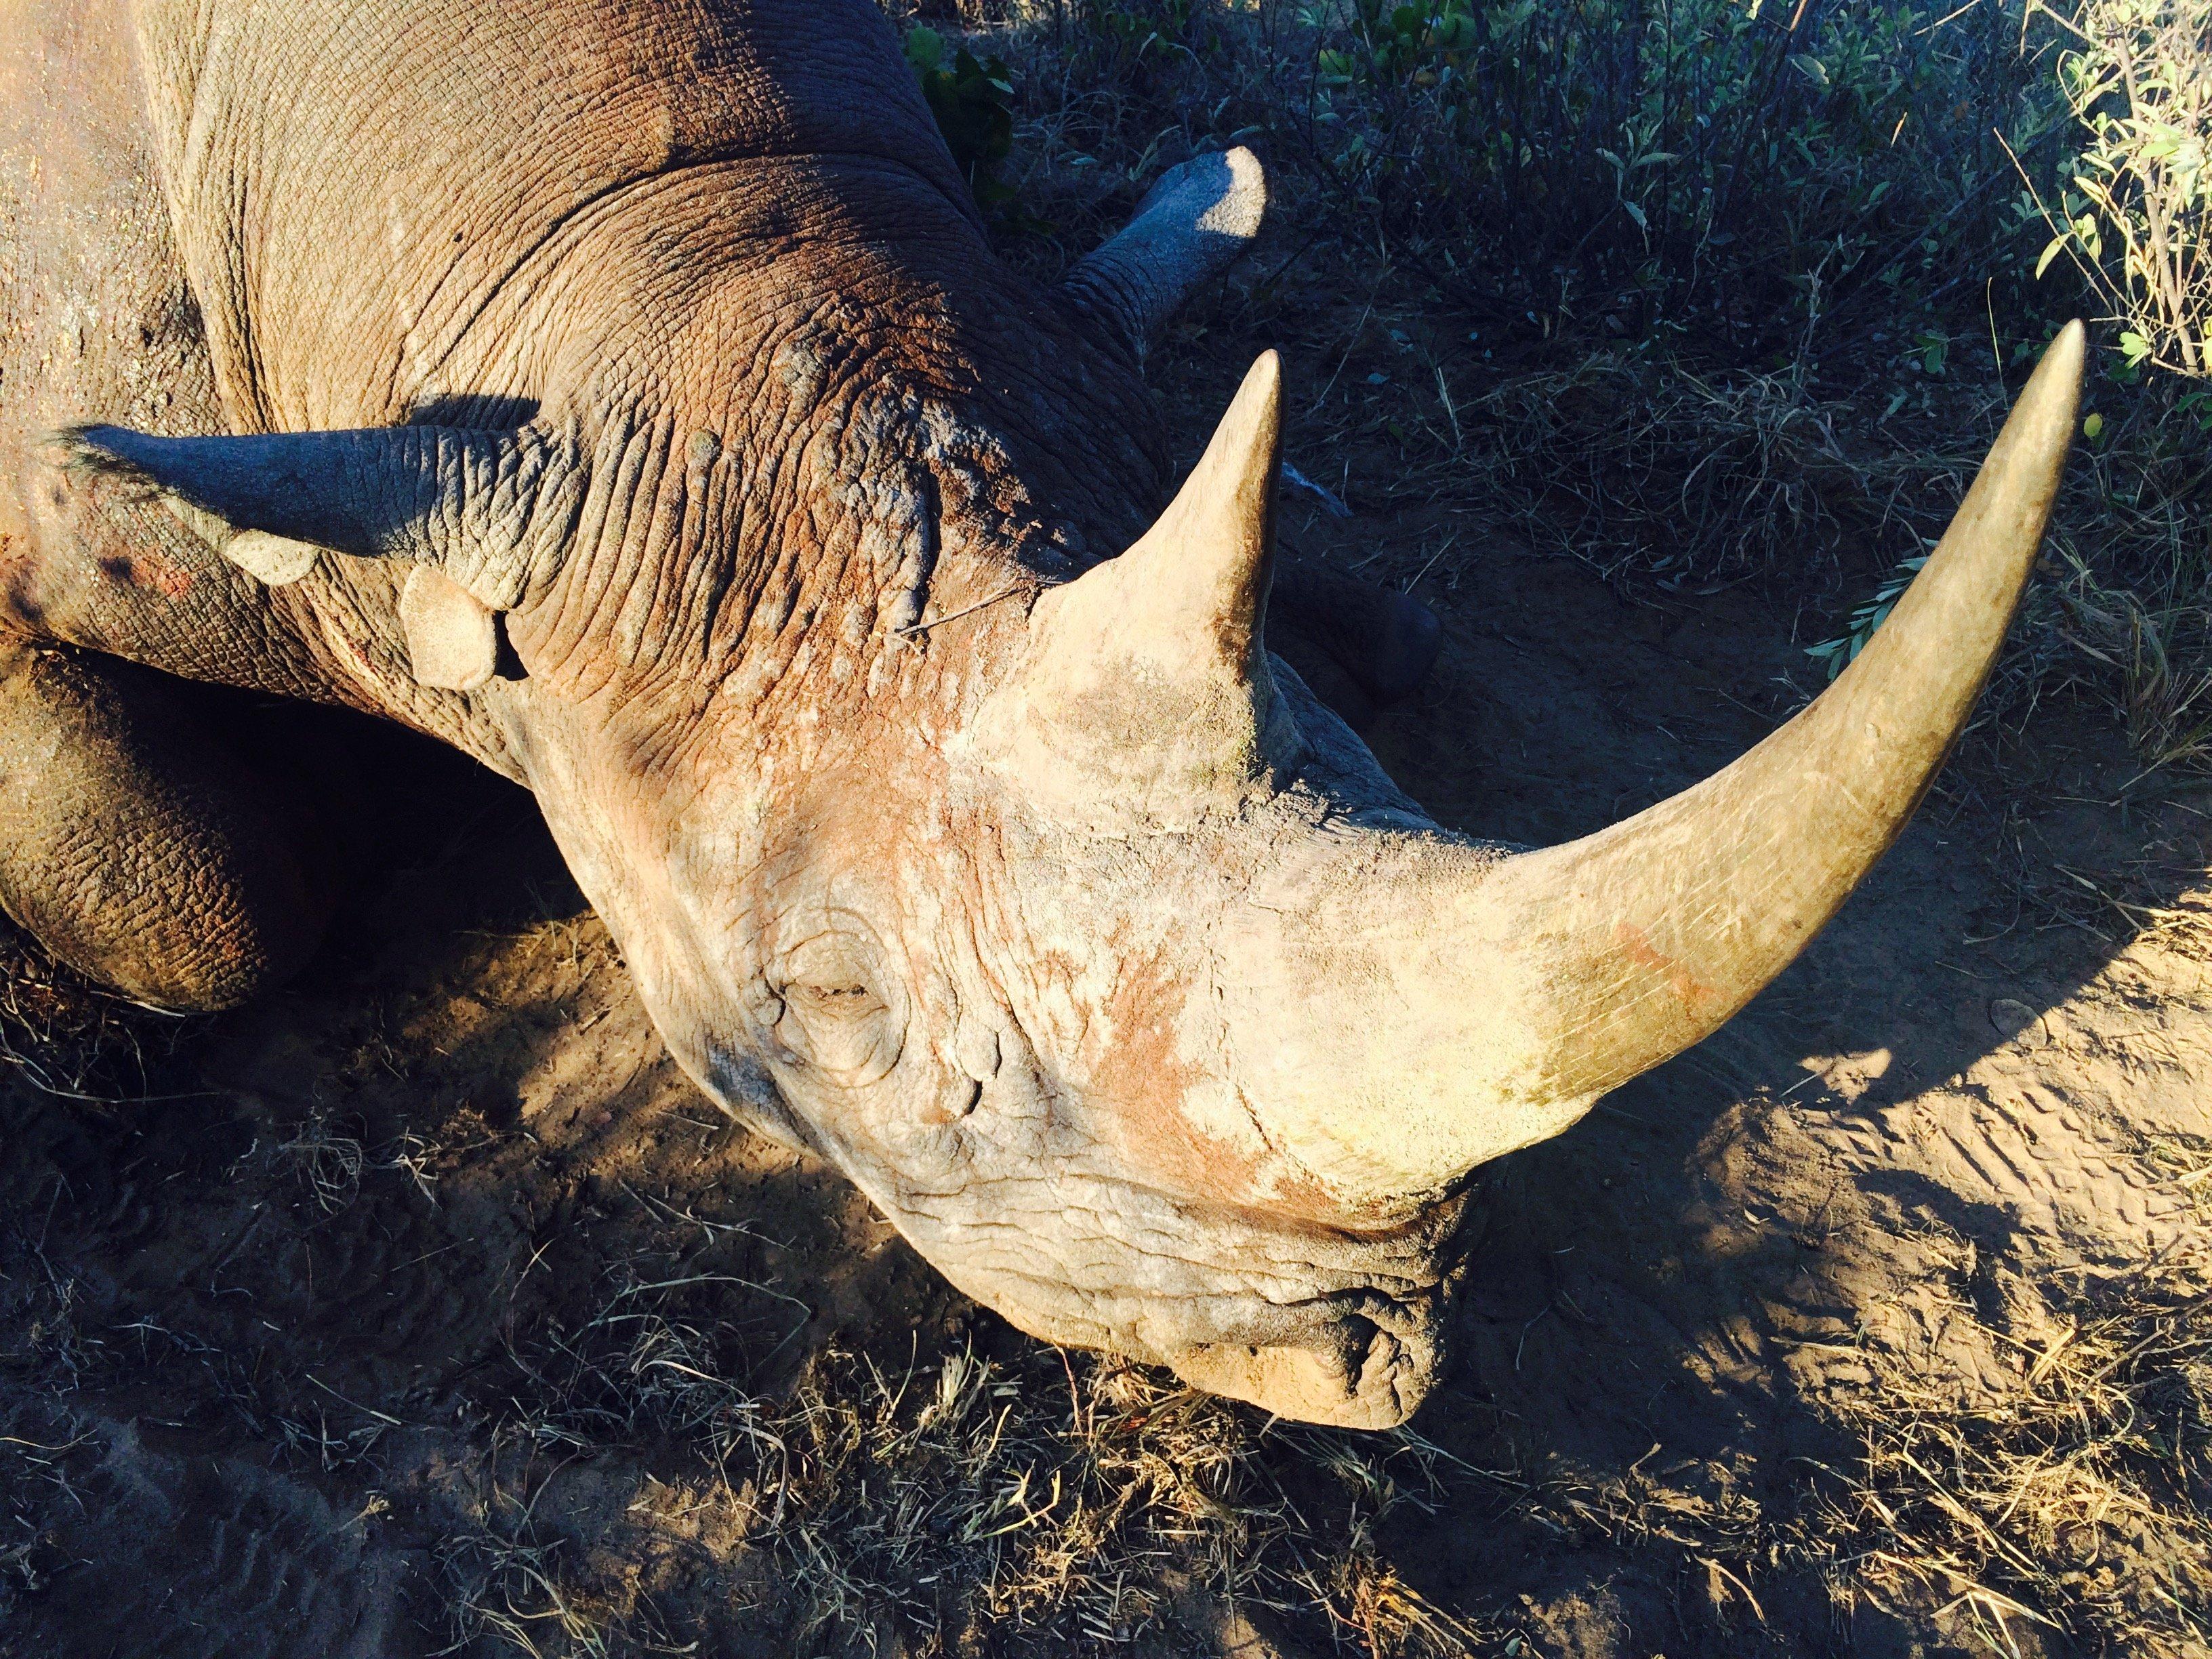 Un cazador texano afirma que está colaborando a la conservación de la especie al cazar a un rinoceronte negro. (Crédito: Jason Morris/CNN)